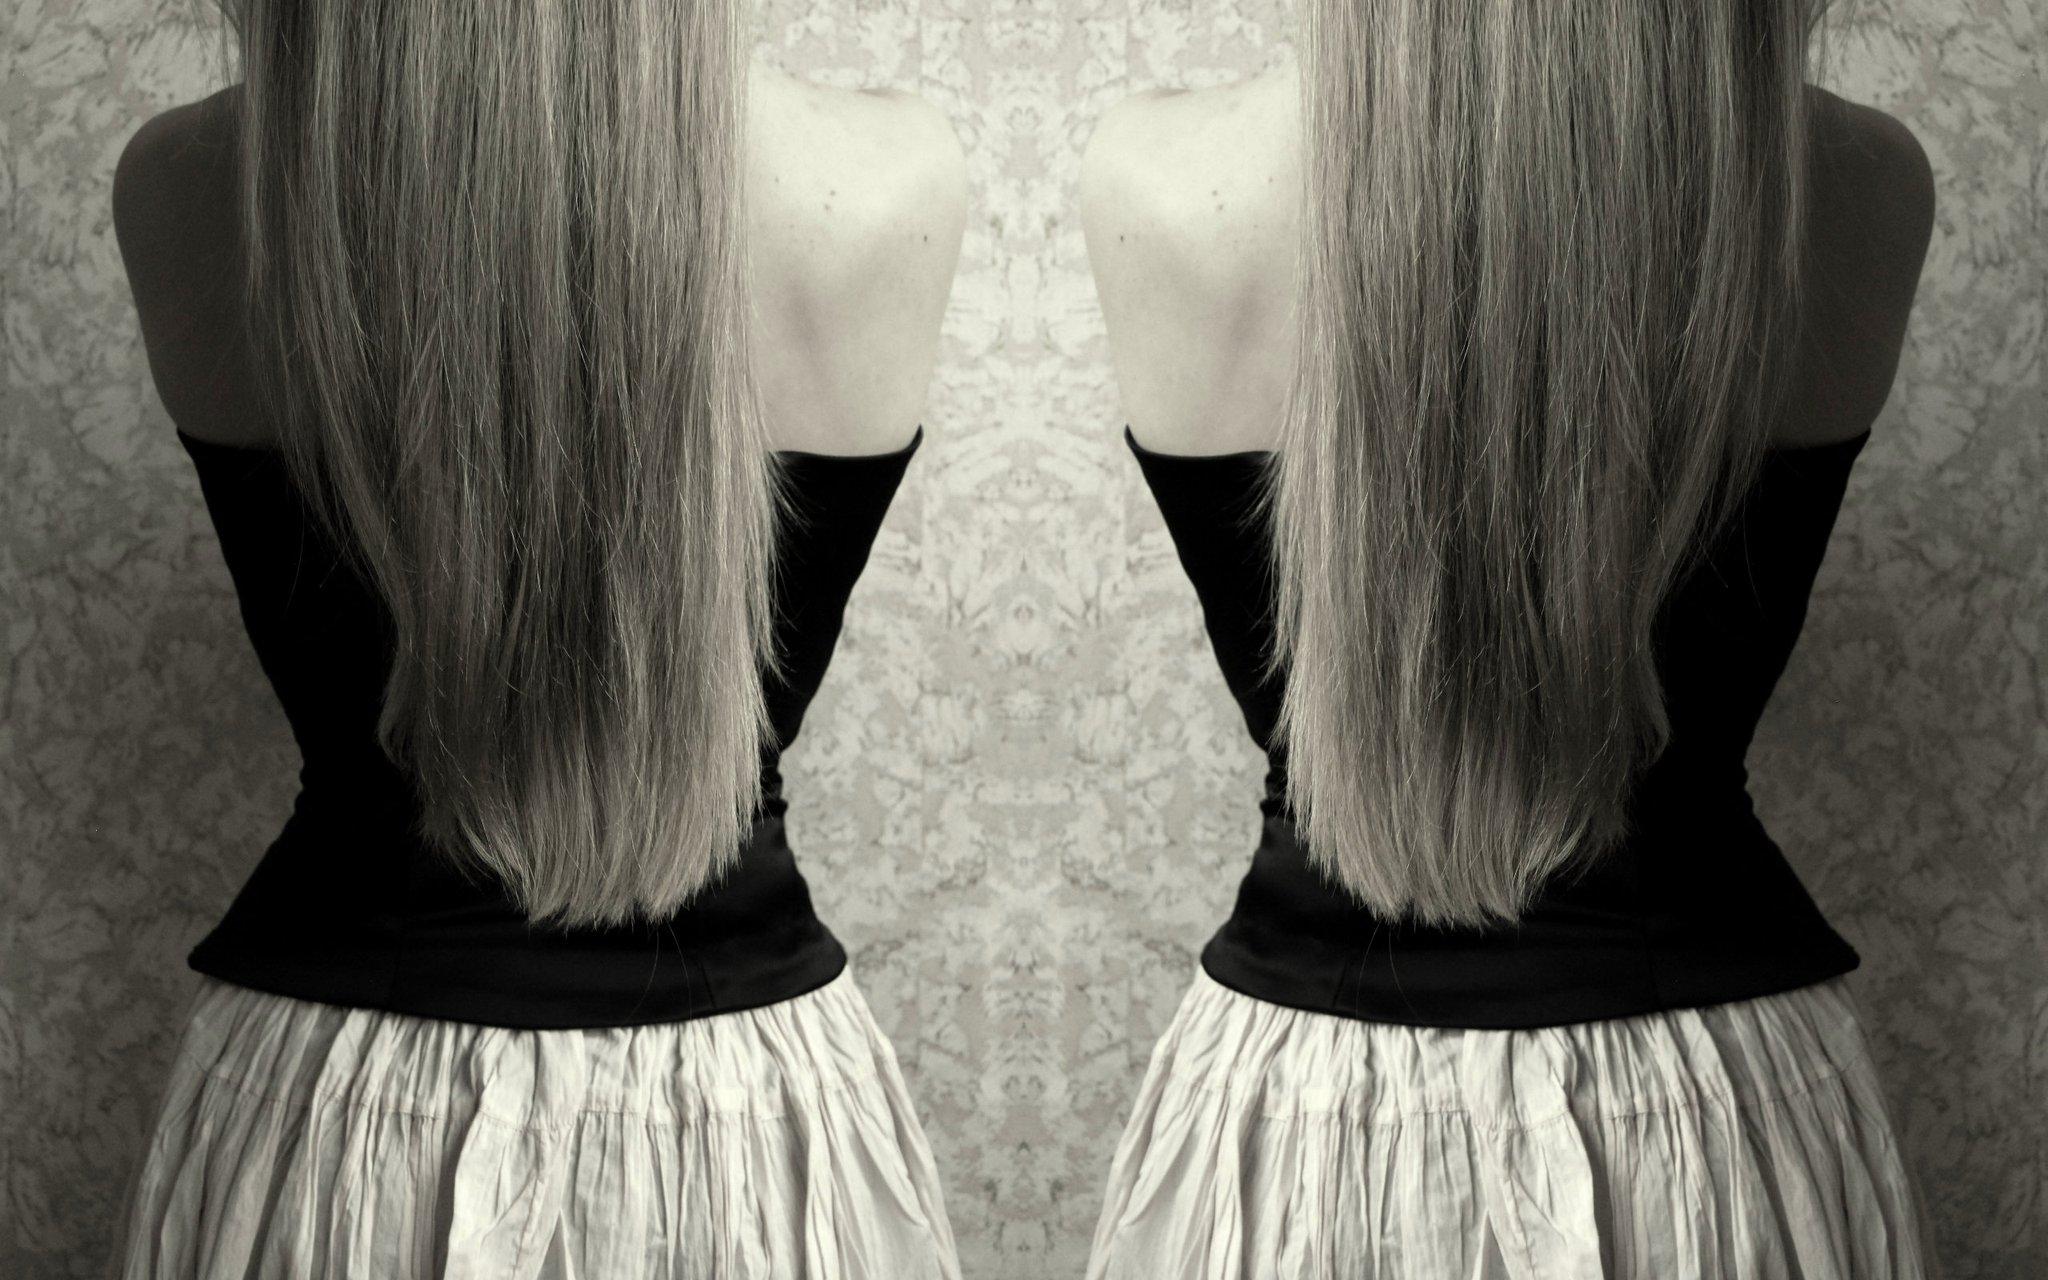 sveika galvos oda - sveiki plaukai2